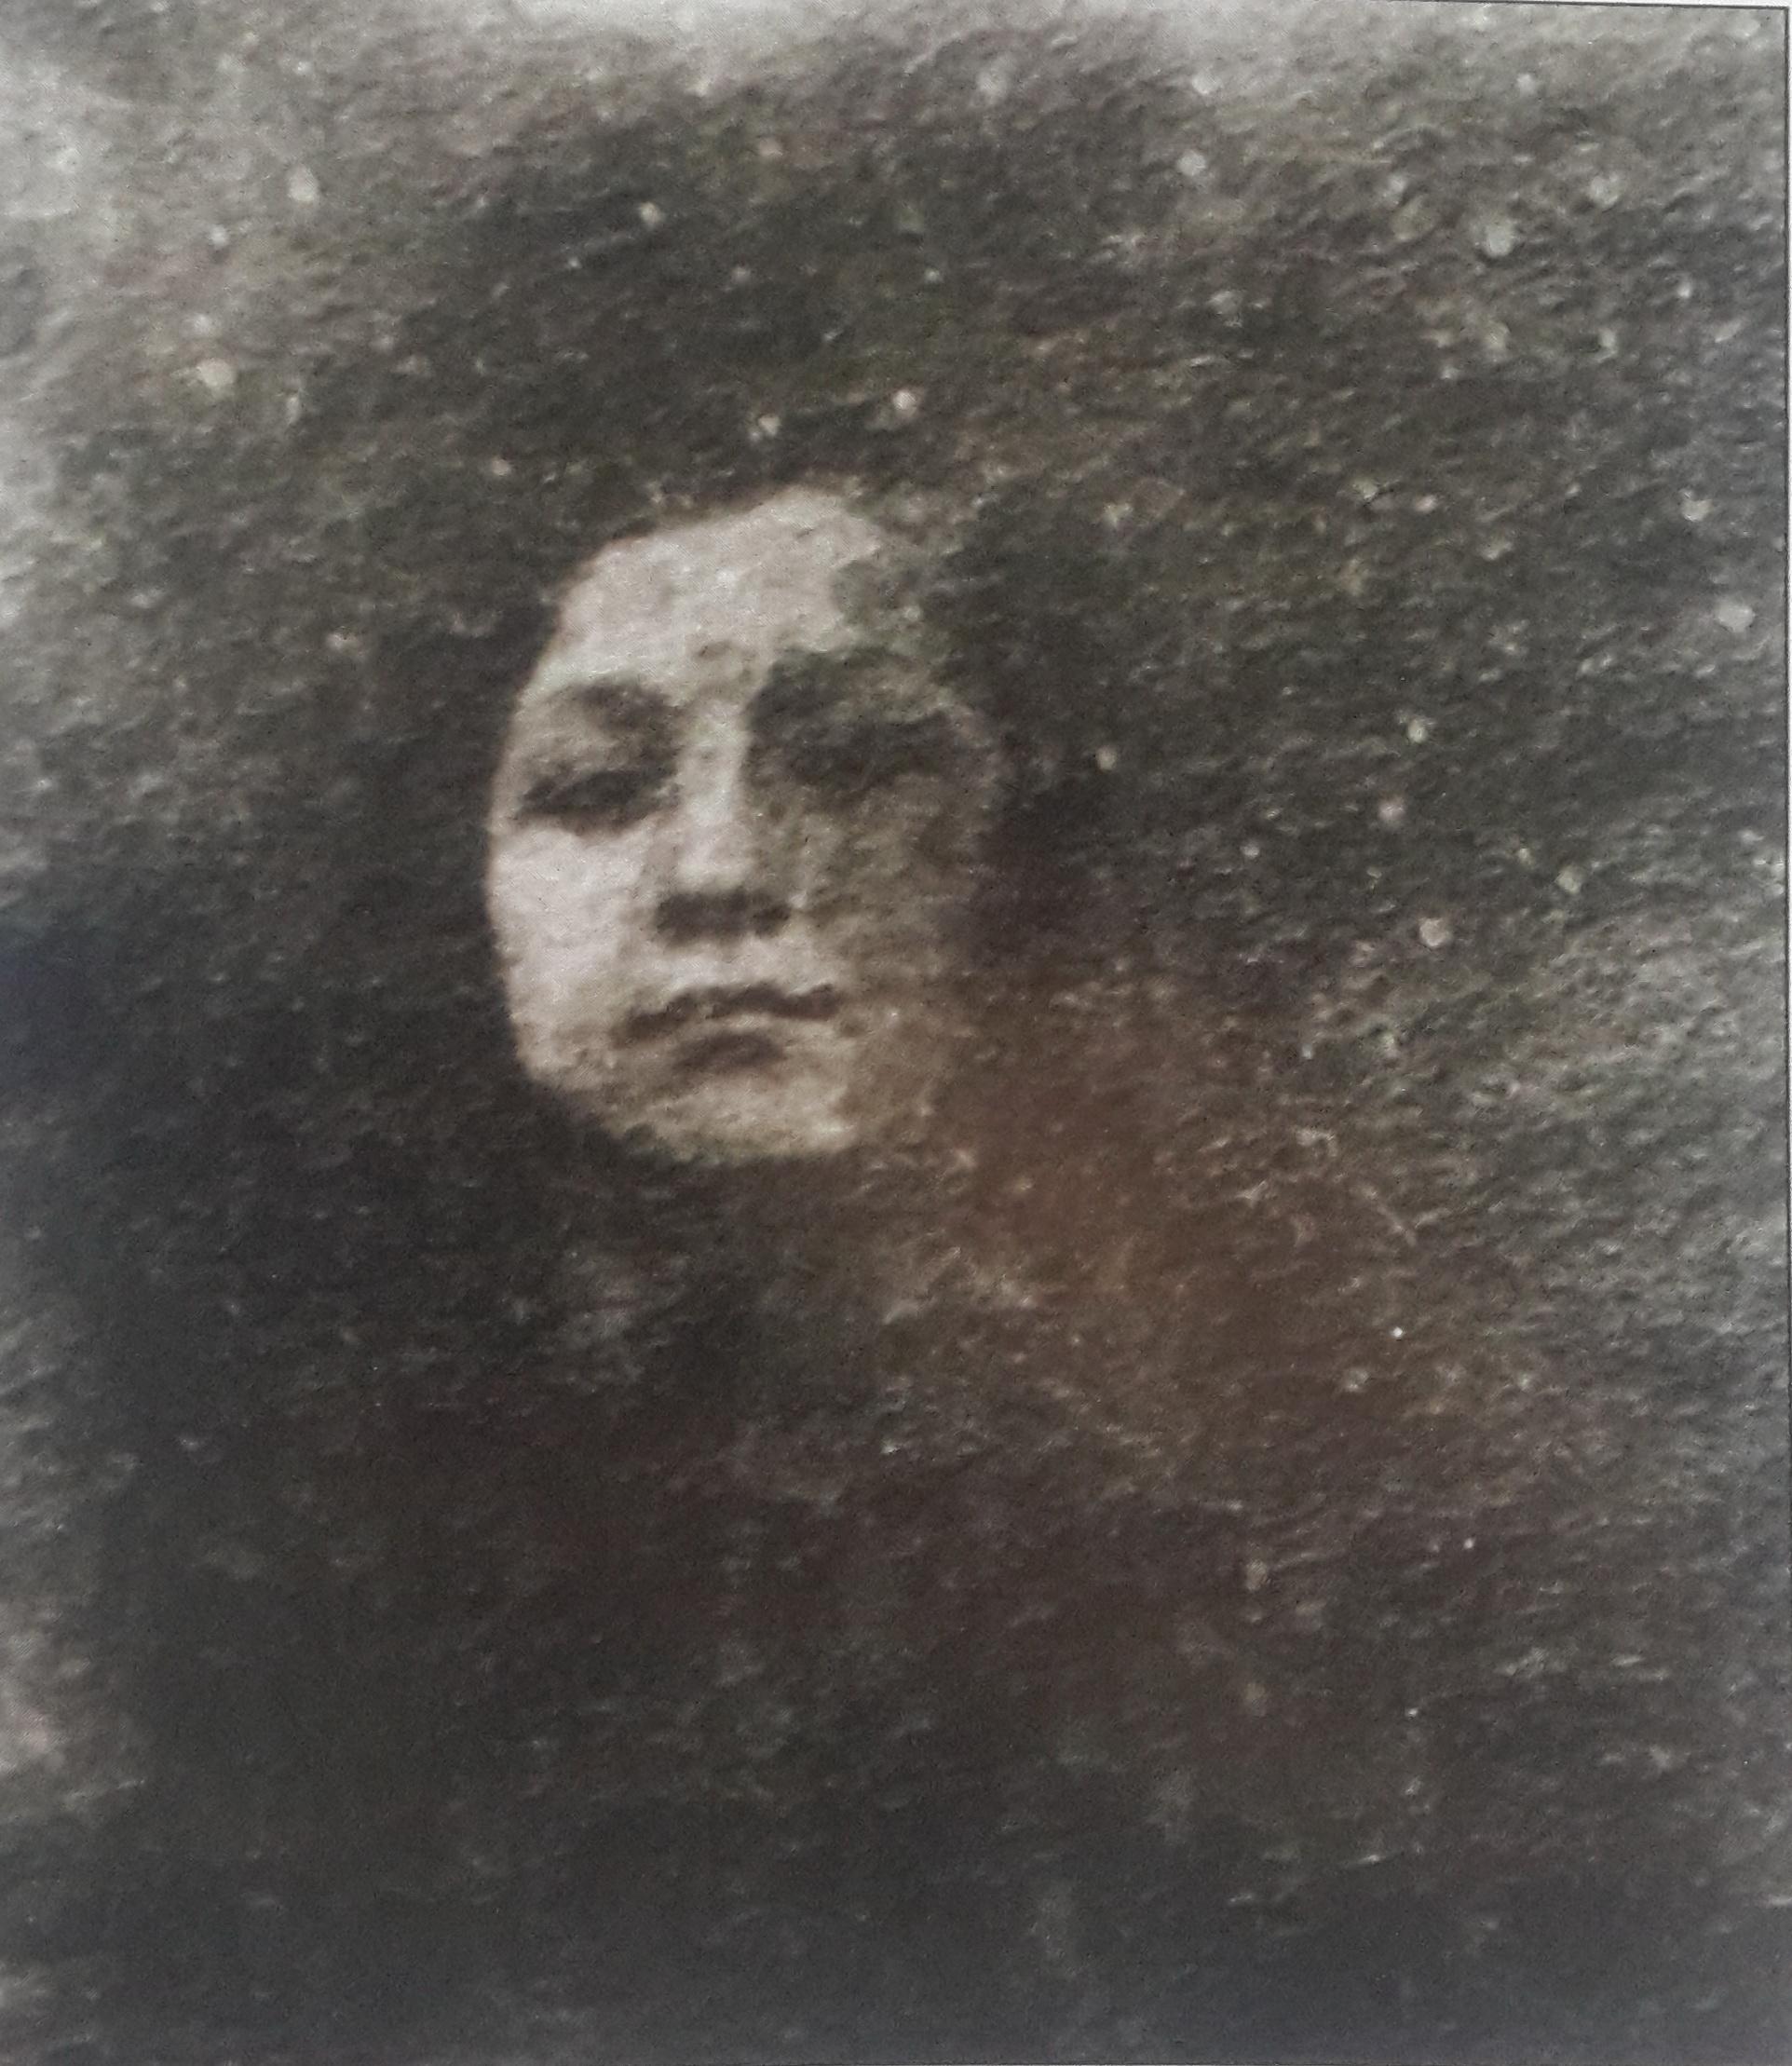 Зоя Космодемьянская после смерти отца. 1933 год.